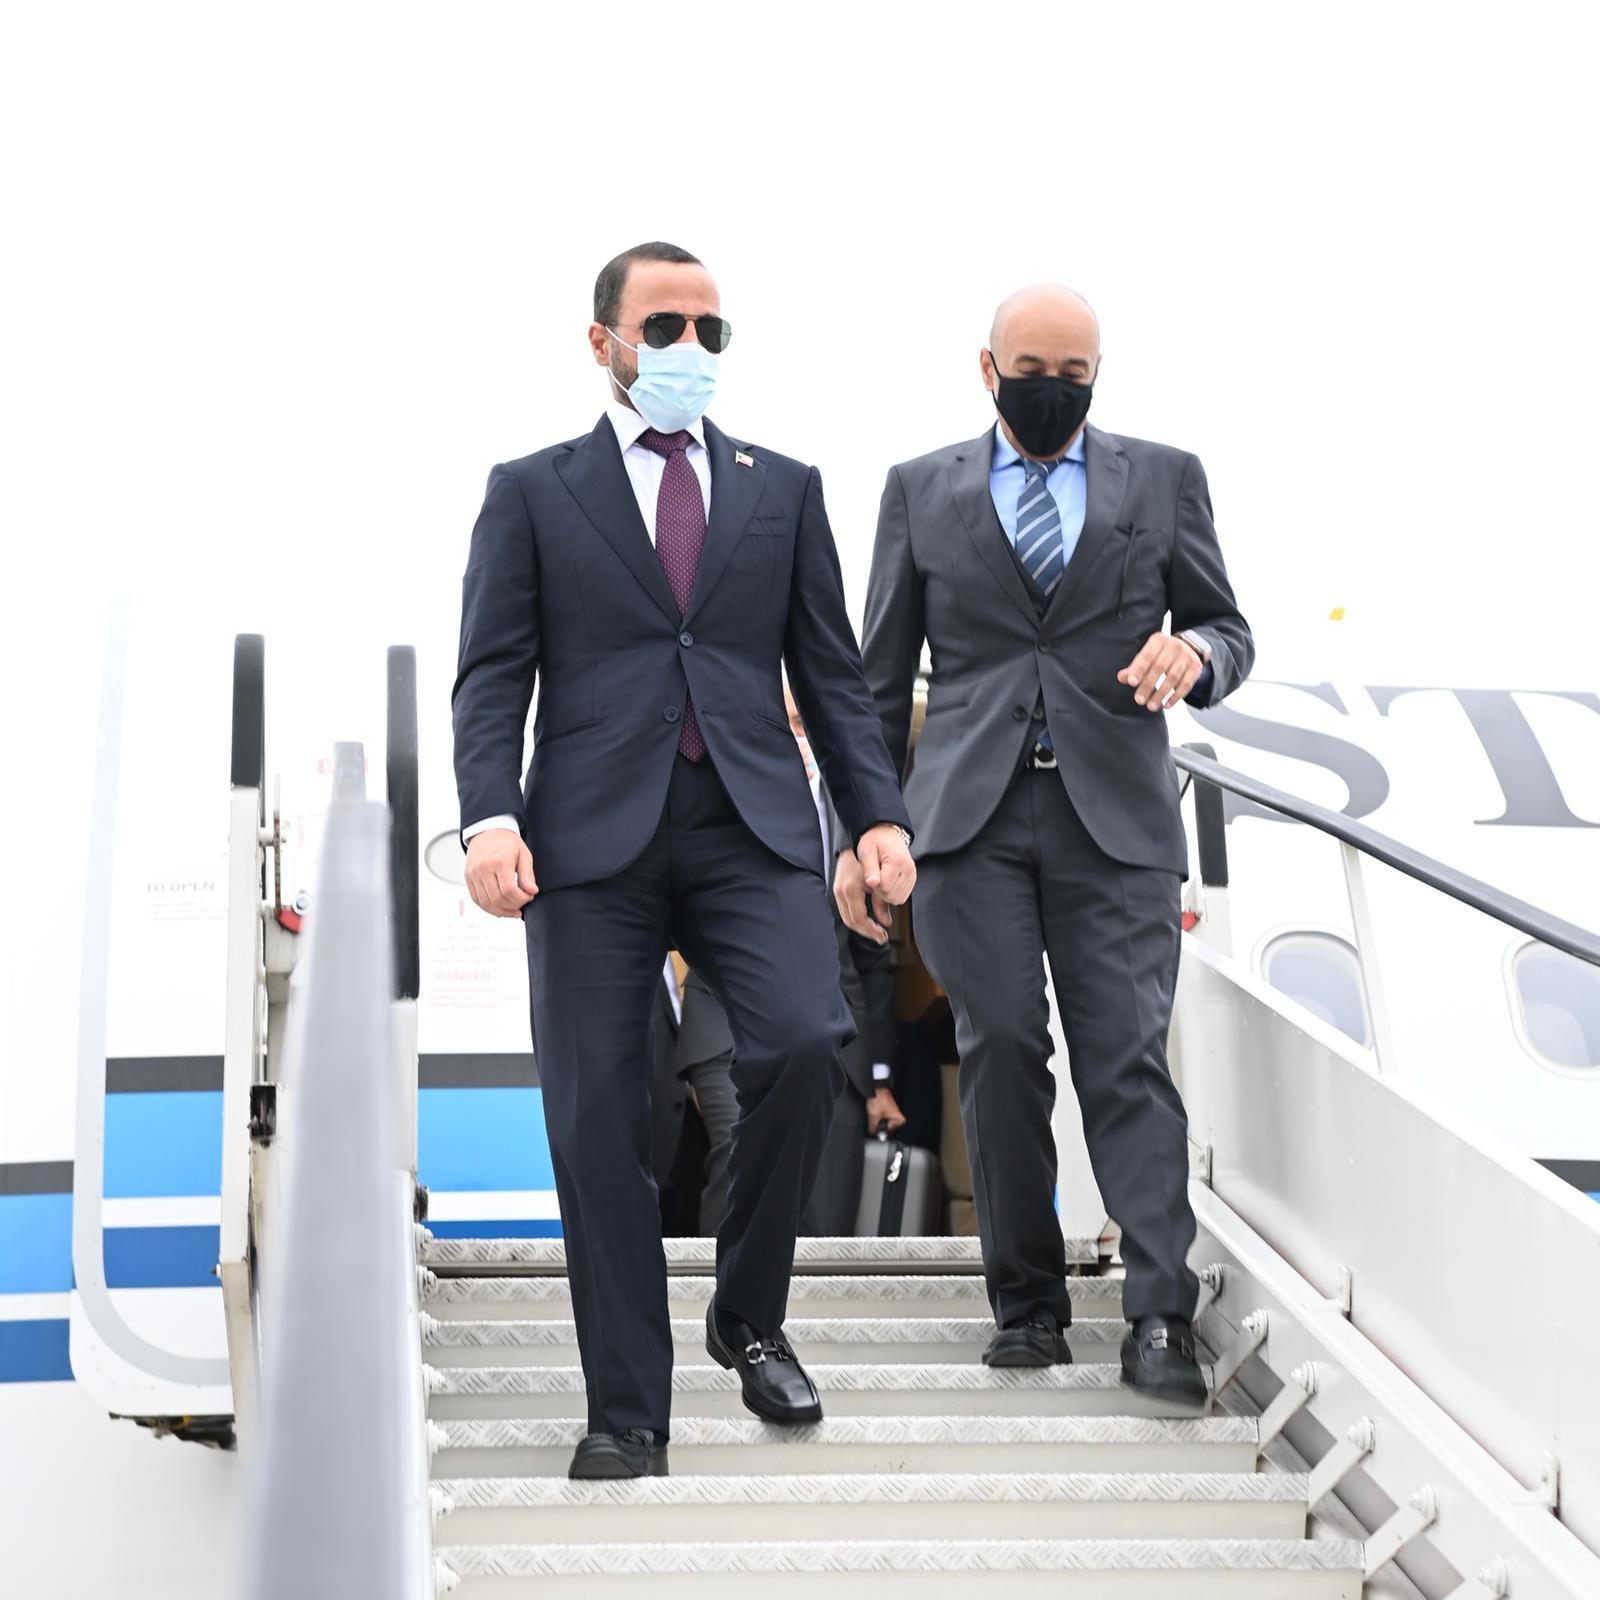 ٢٠٢١٠٦٢٣ ١٩٣٦٣٢ - #الغانم يصل إلى بروكسل للقاء رئيسي البرلمانين الأوروبي والبلجيكي.    #العبدلي_نيوز